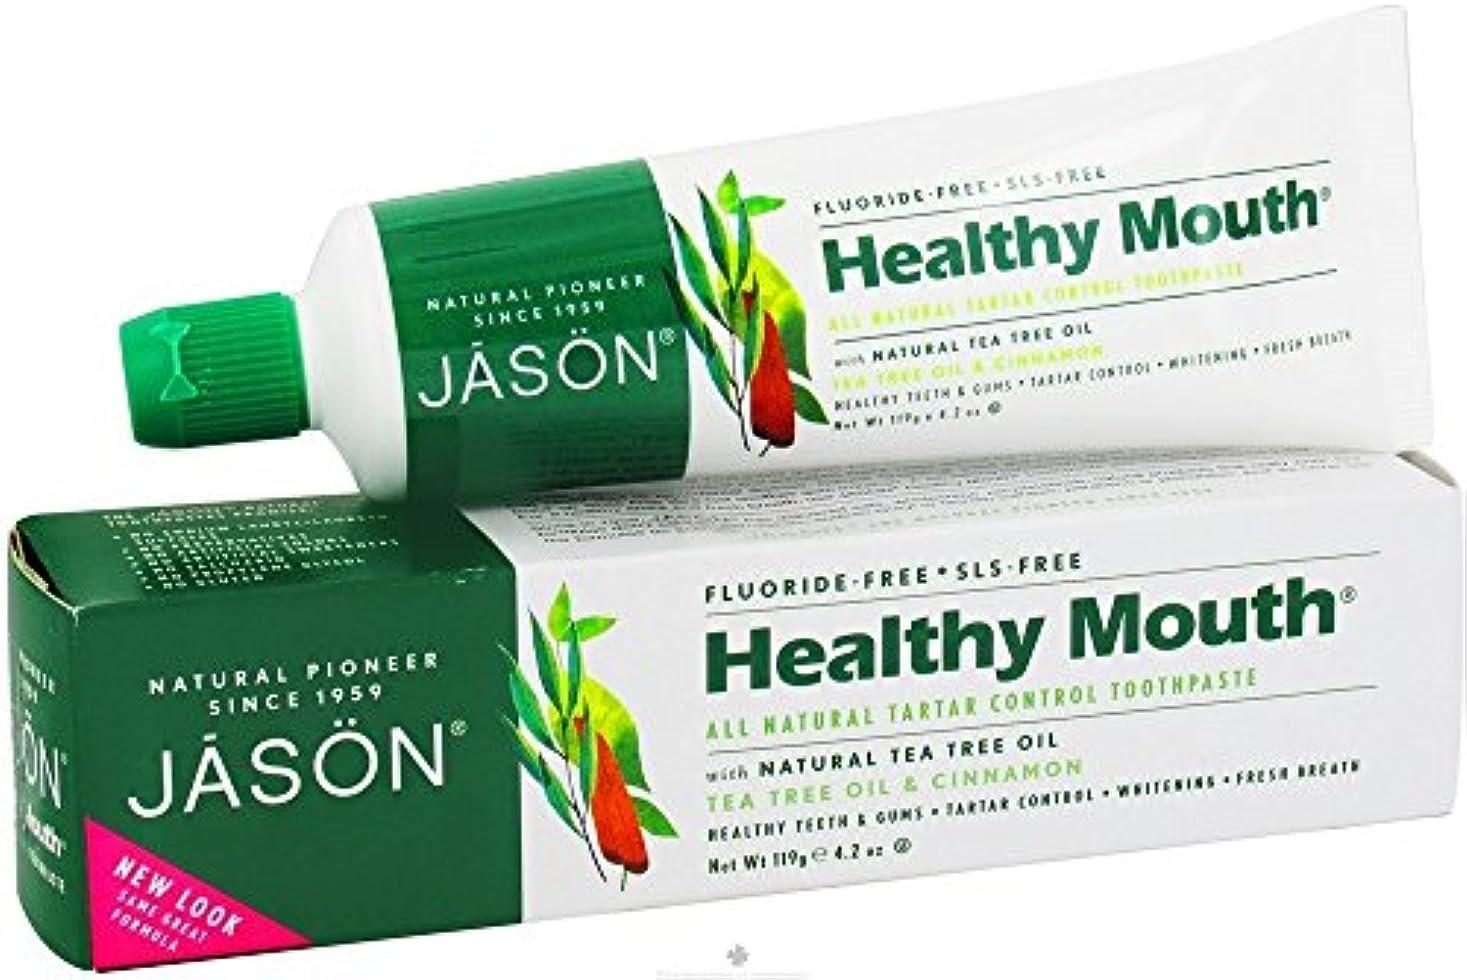 毎週風変わりなつづりJASON Natural Products - 歯磨き粉健康口ティー ツリー油フッ化物-無料 - 4ポンド [並行輸入品]